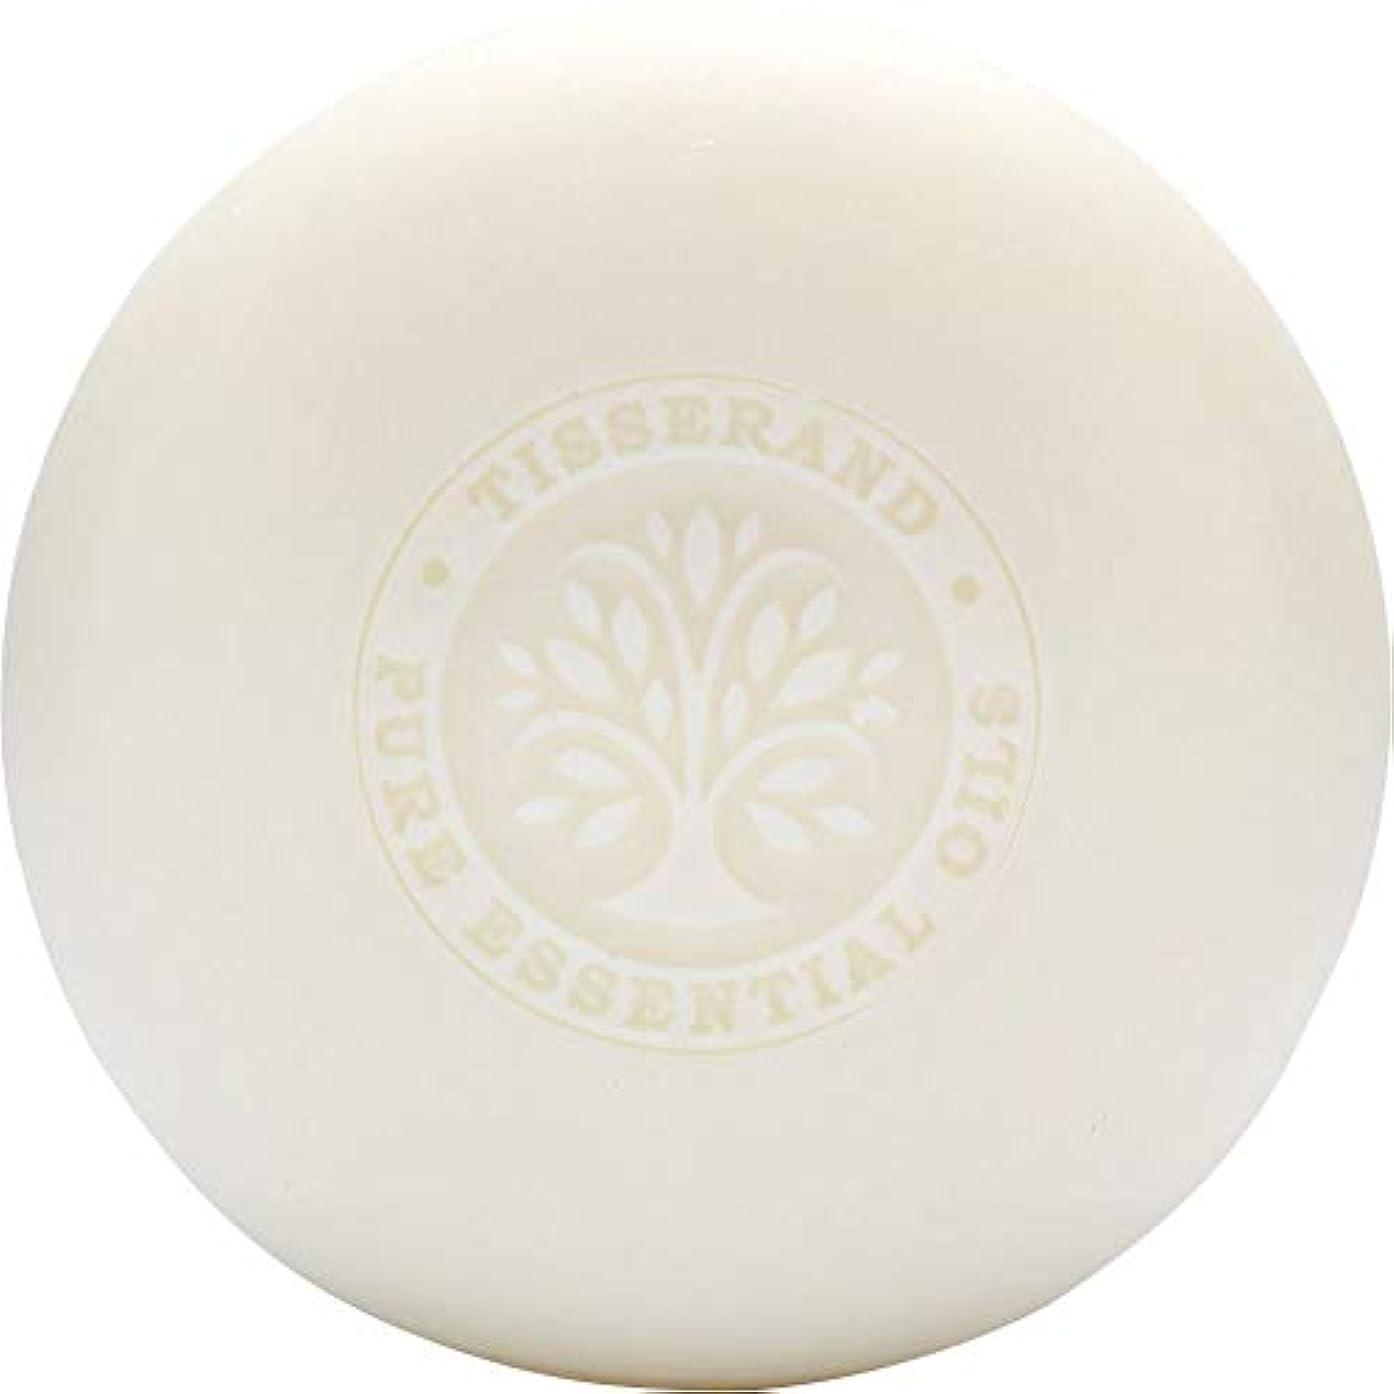 豆ステッチトーン[Tisserand] ティスランドローズ&ゼラニウムの葉石鹸100グラム - Tisserand Rose & Geranium Leaf Soap 100g [並行輸入品]